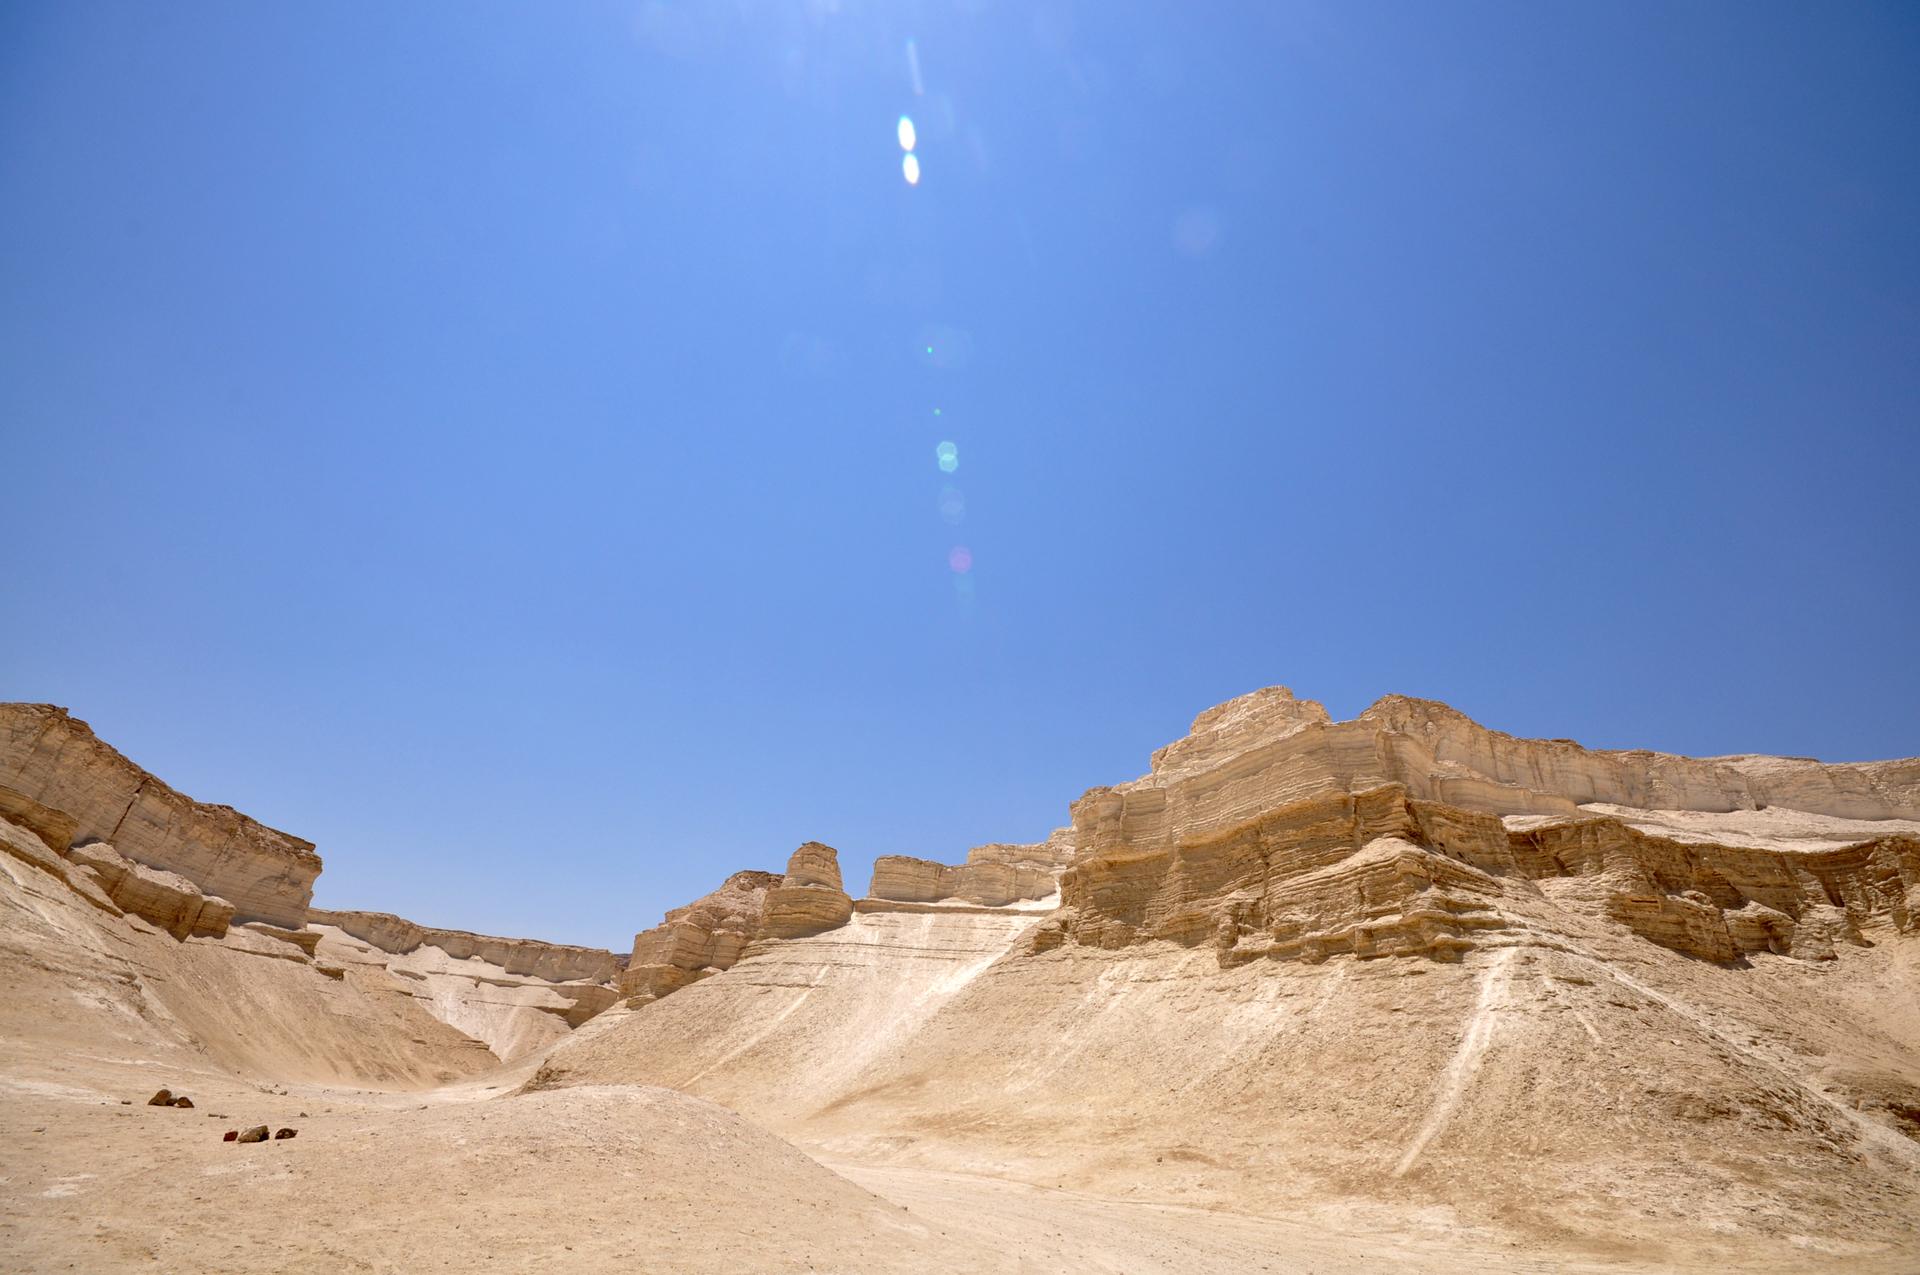 חווארים - מצדה - יואל שתרוג - אדמה יוצרת - yoel sitruk